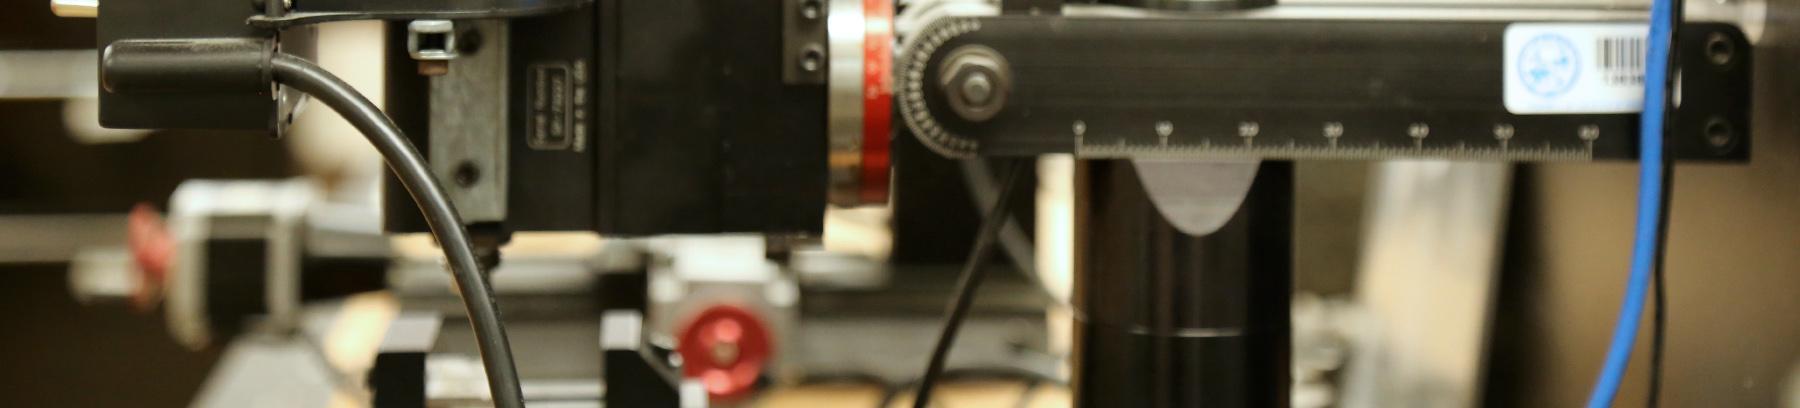 Digital fabrication lab tools